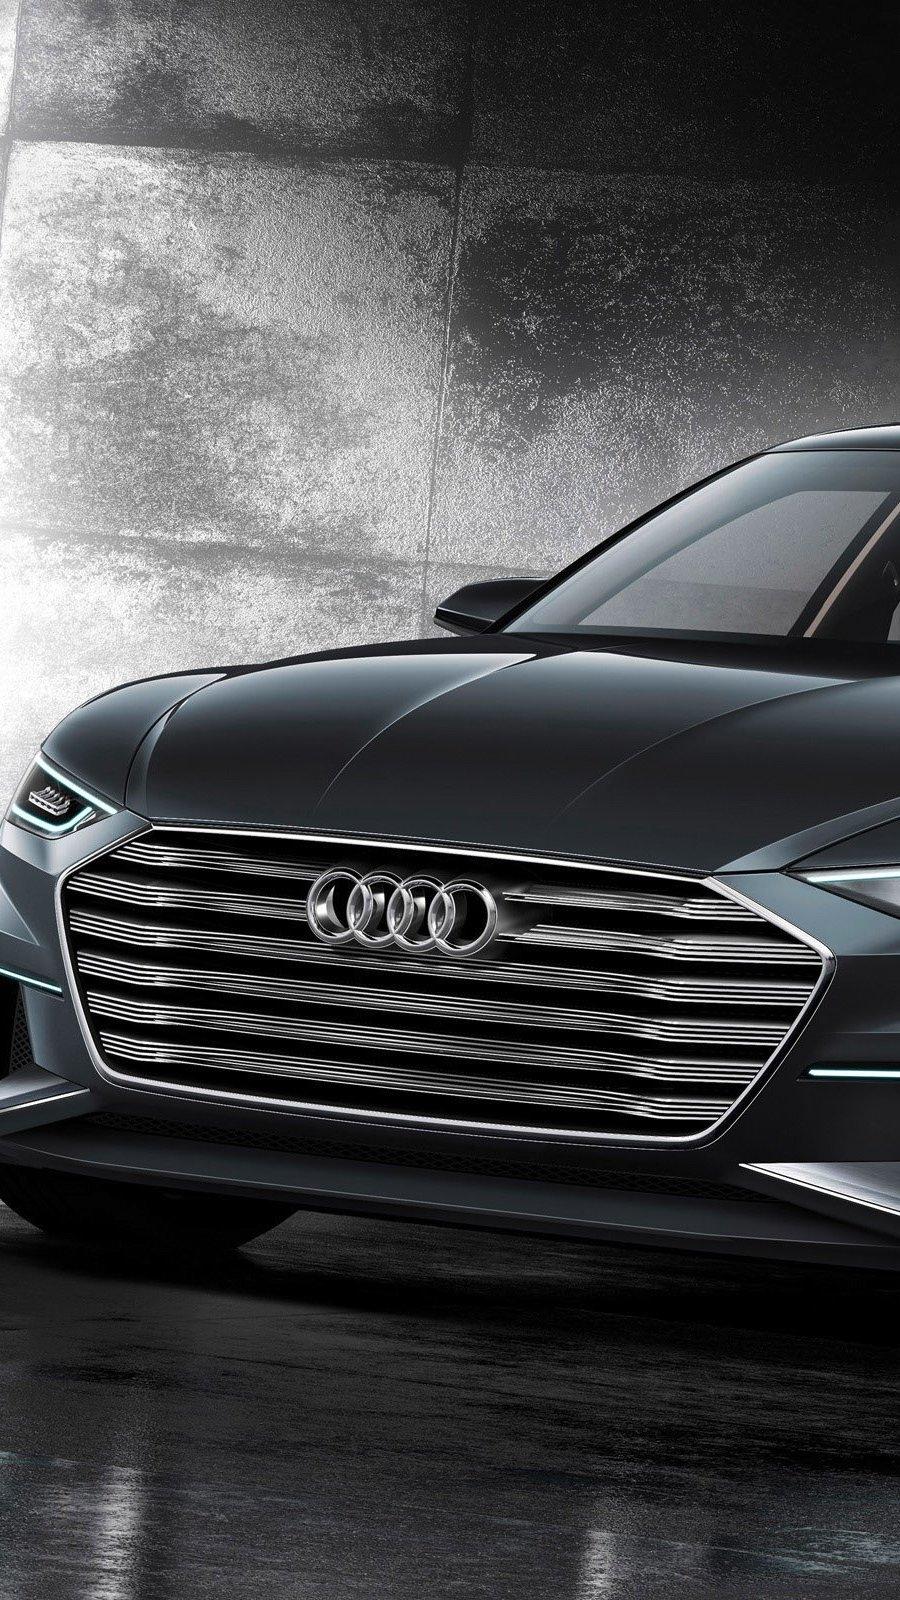 Fondos de pantalla Audi Prologue Avant Concept Vertical